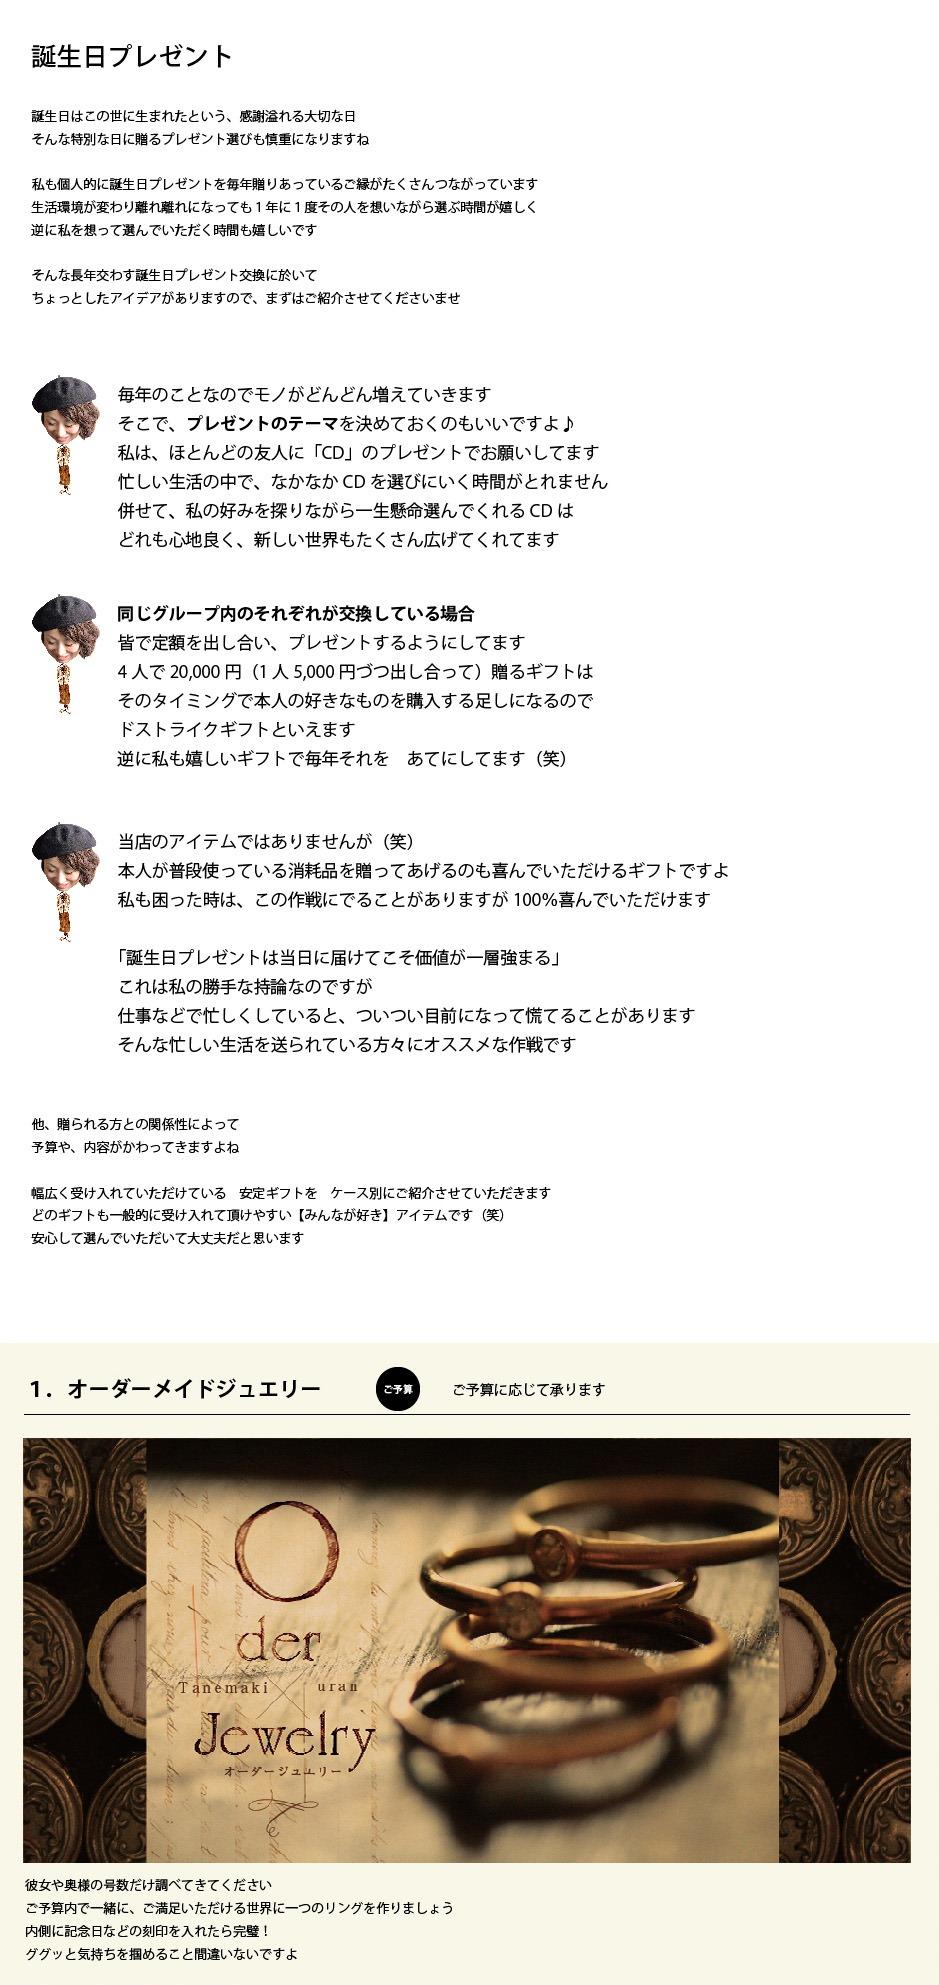 neturiba_gift_05-01.jpg